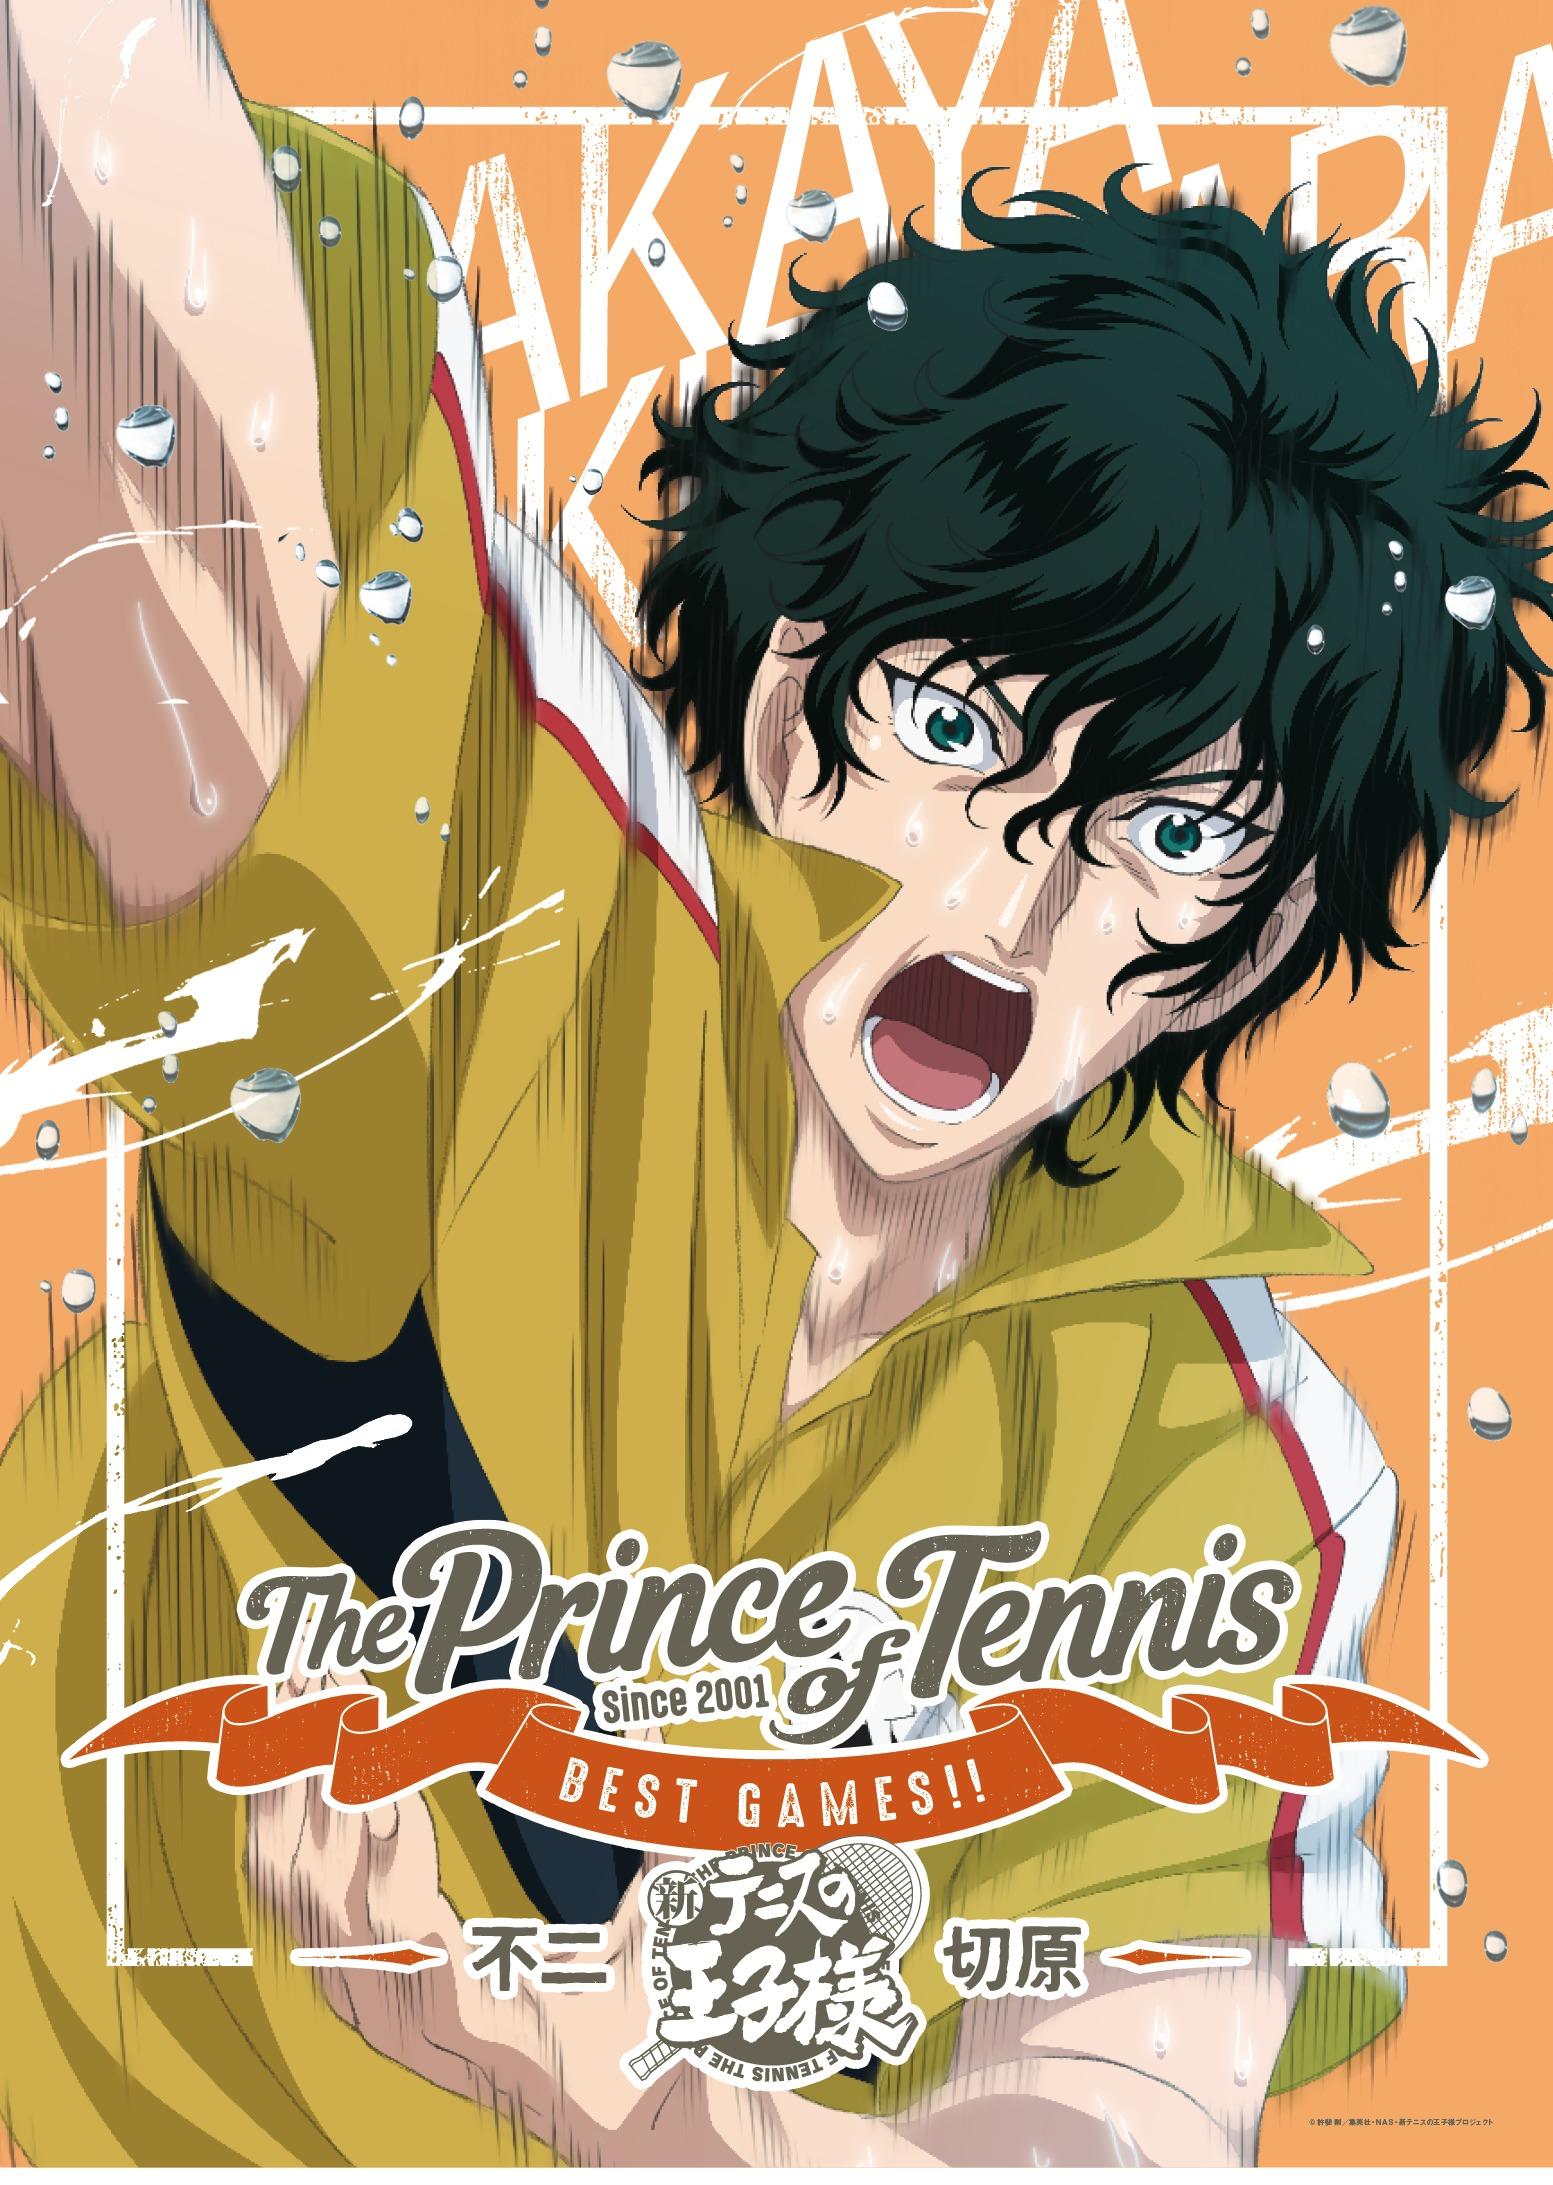 『テニスの王子様 BEST GAMES!! 不二 vs 切原』キービジュアル (C)許 斐 剛/集英社・NAS・新テニスの王子様プロジェクト